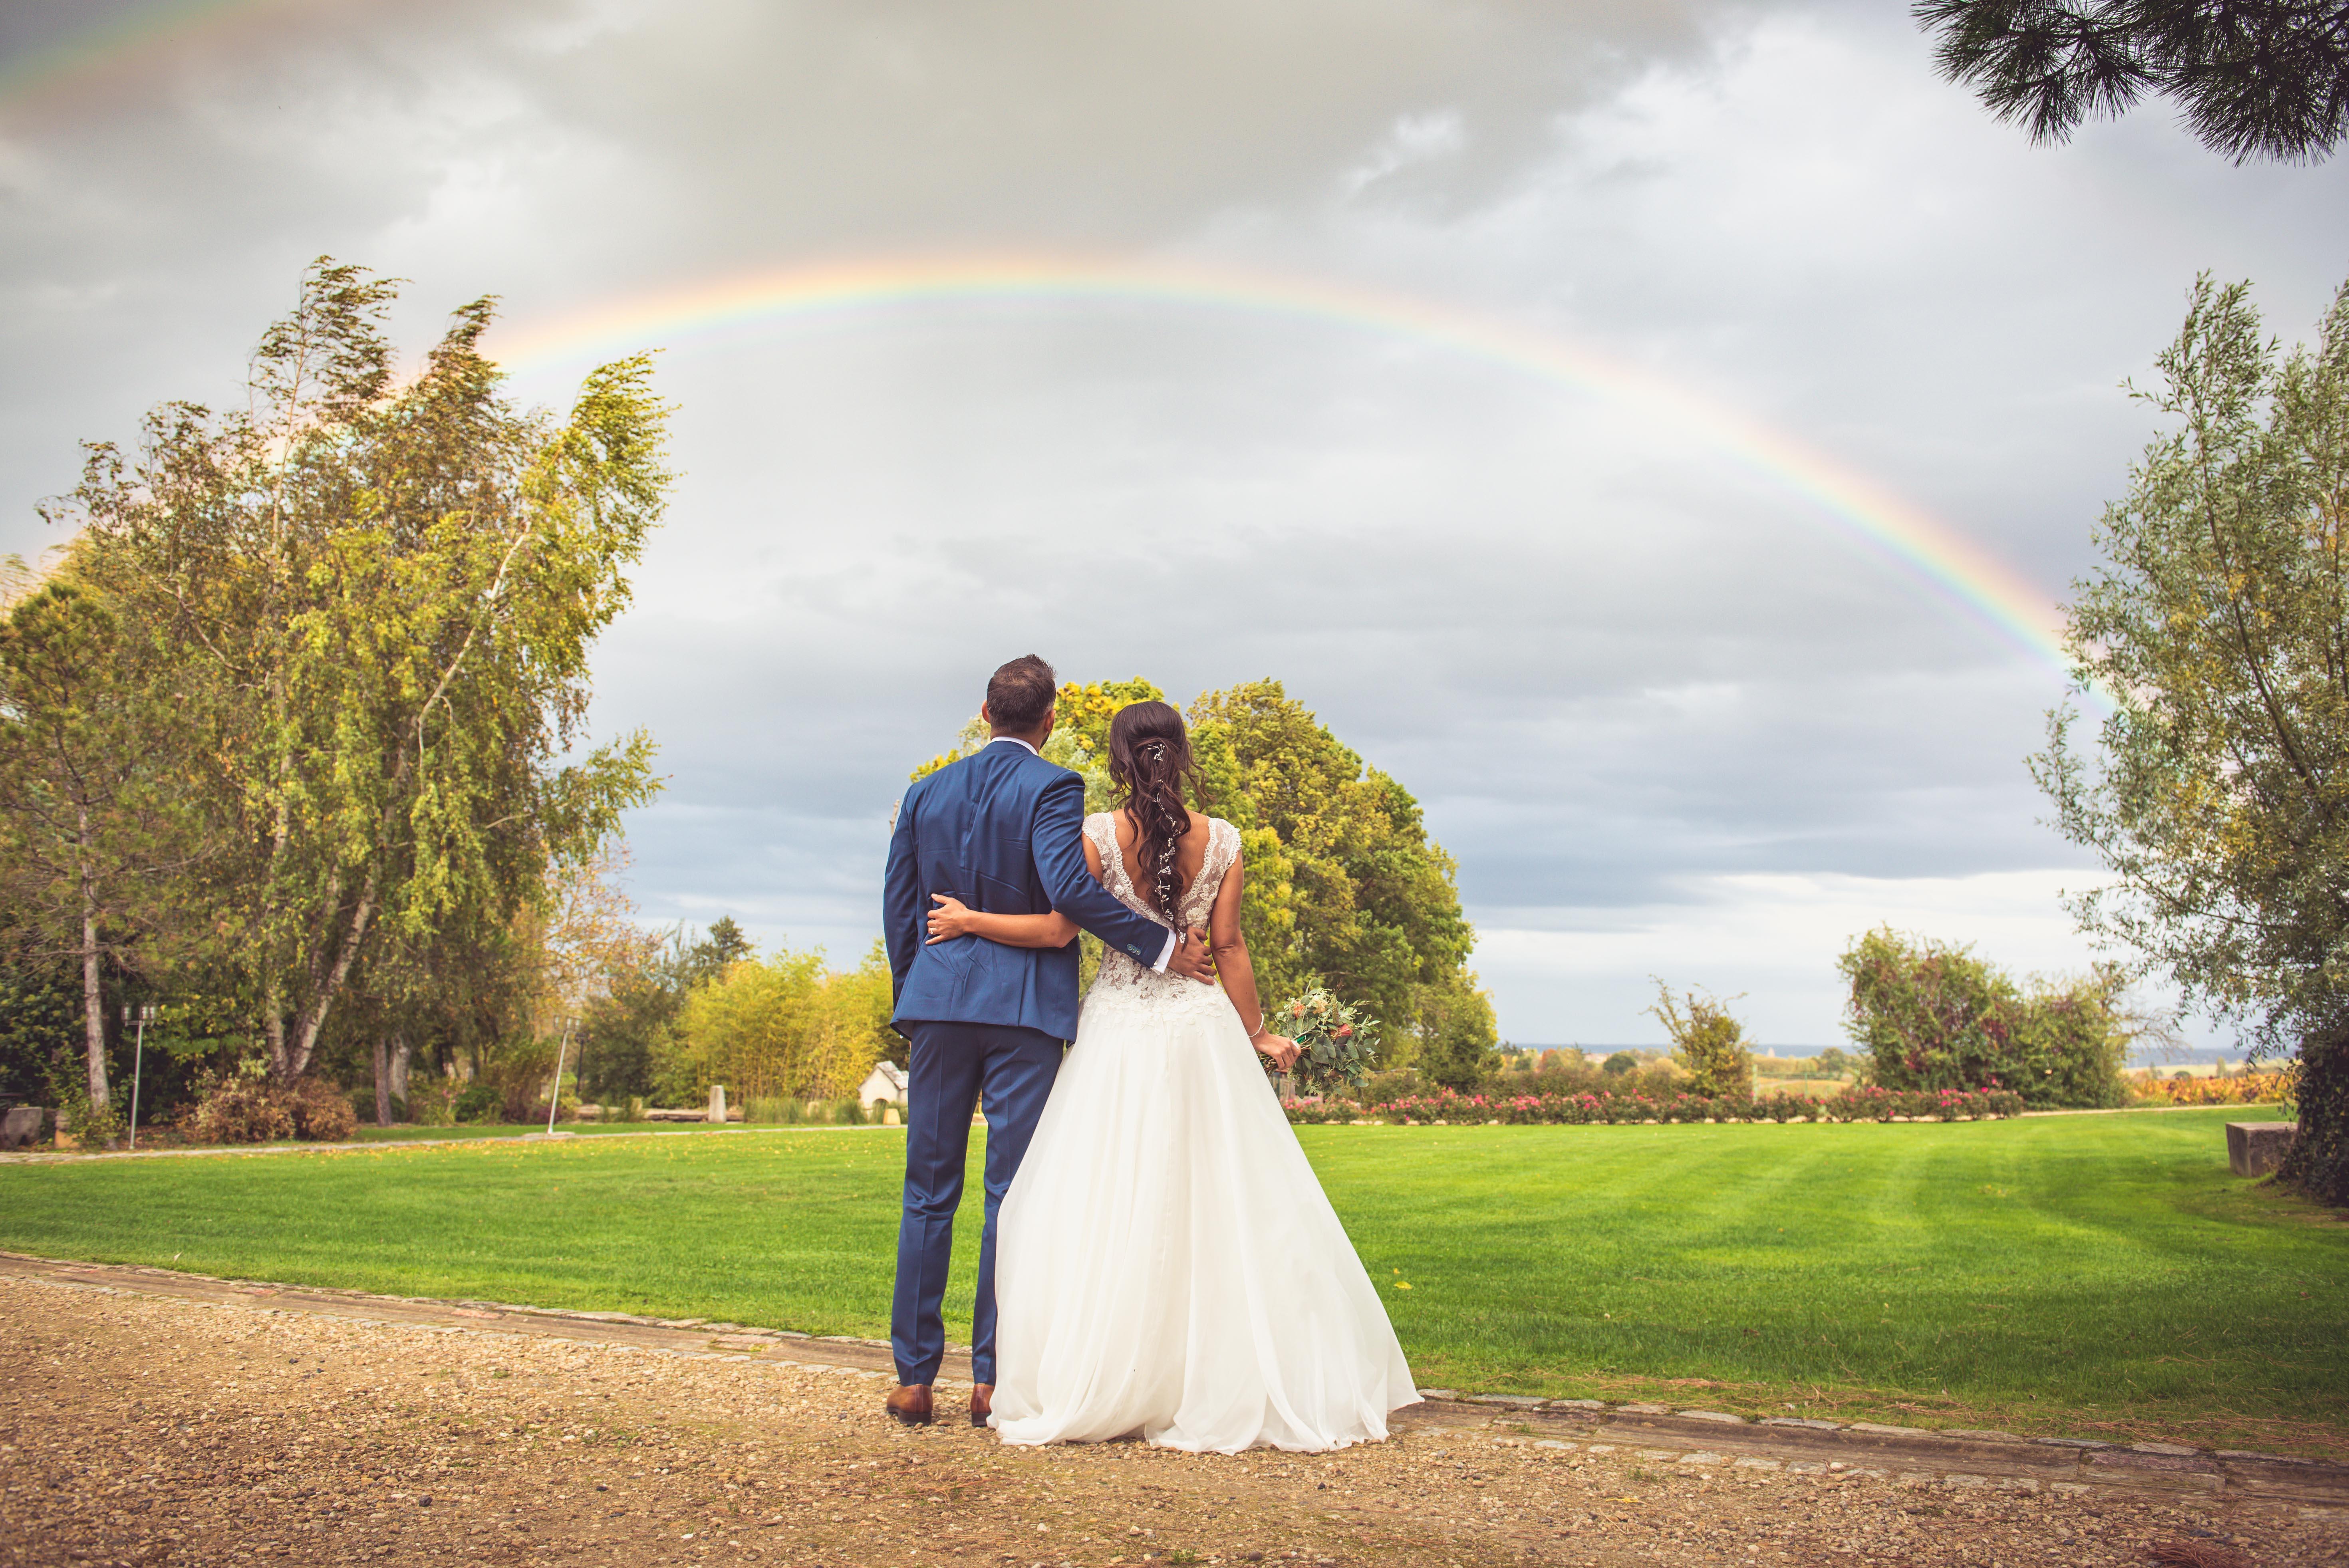 décoration de mariage orange - photo de mariés arc-en-ciel